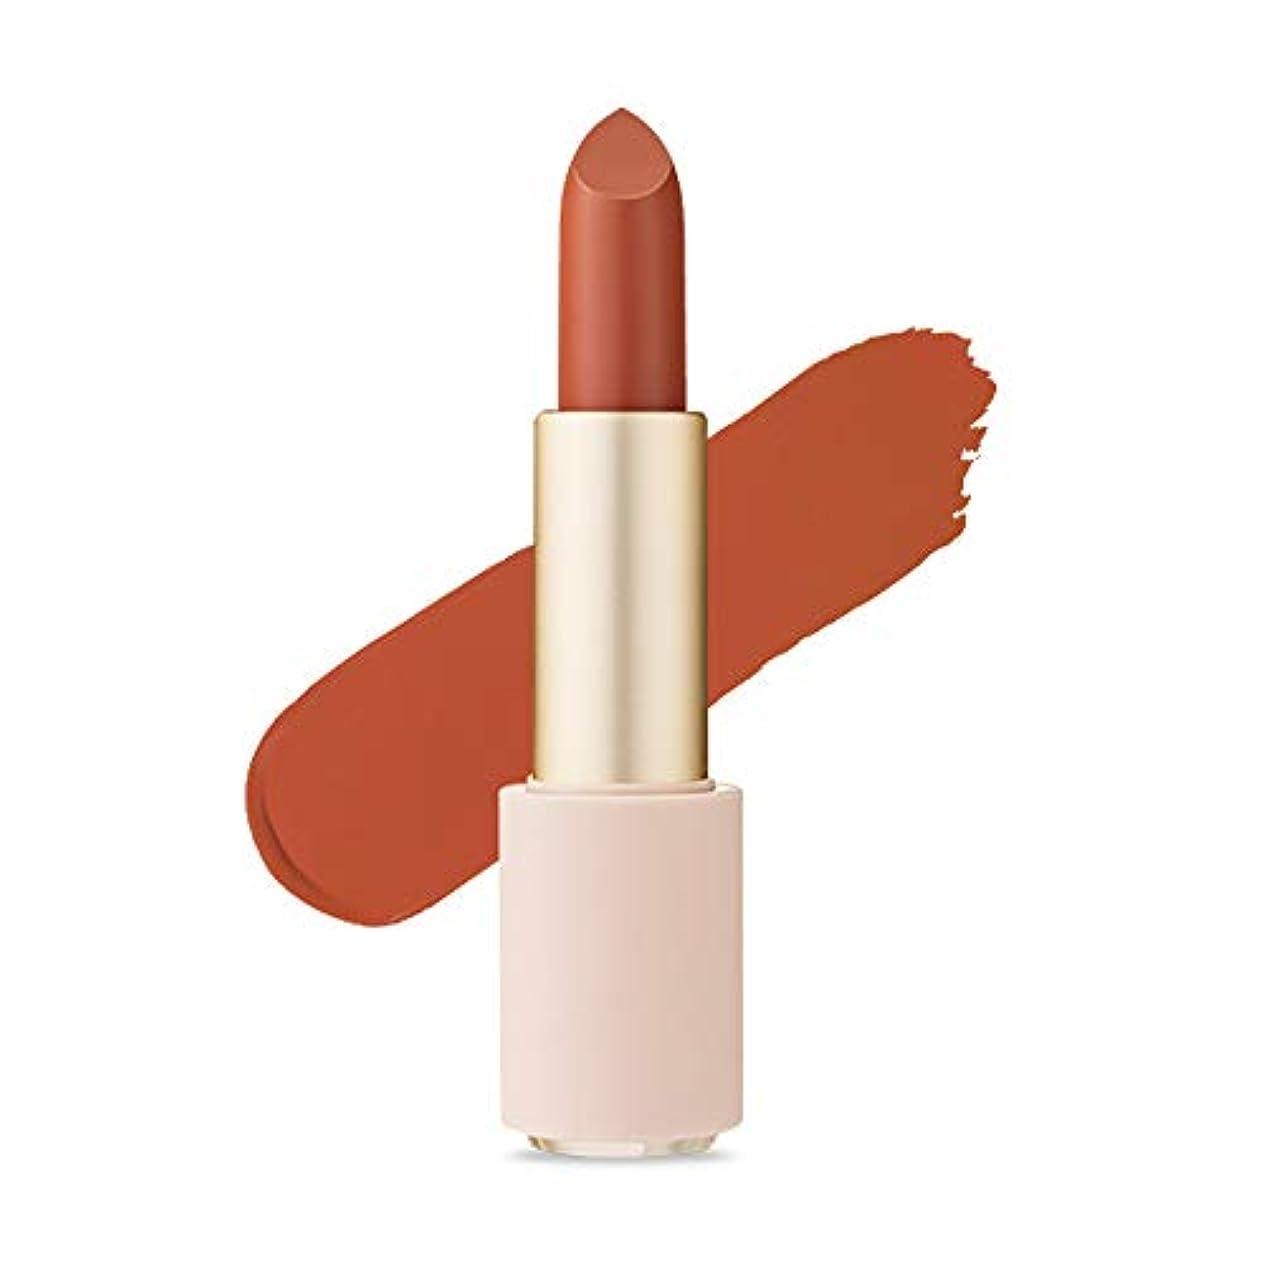 無関心奨学金緯度Etude House Better Lips Talk Velvet エチュードハウス ベター リップス - トーク ベルベット (# BE119 Orange Bianco) [並行輸入品]